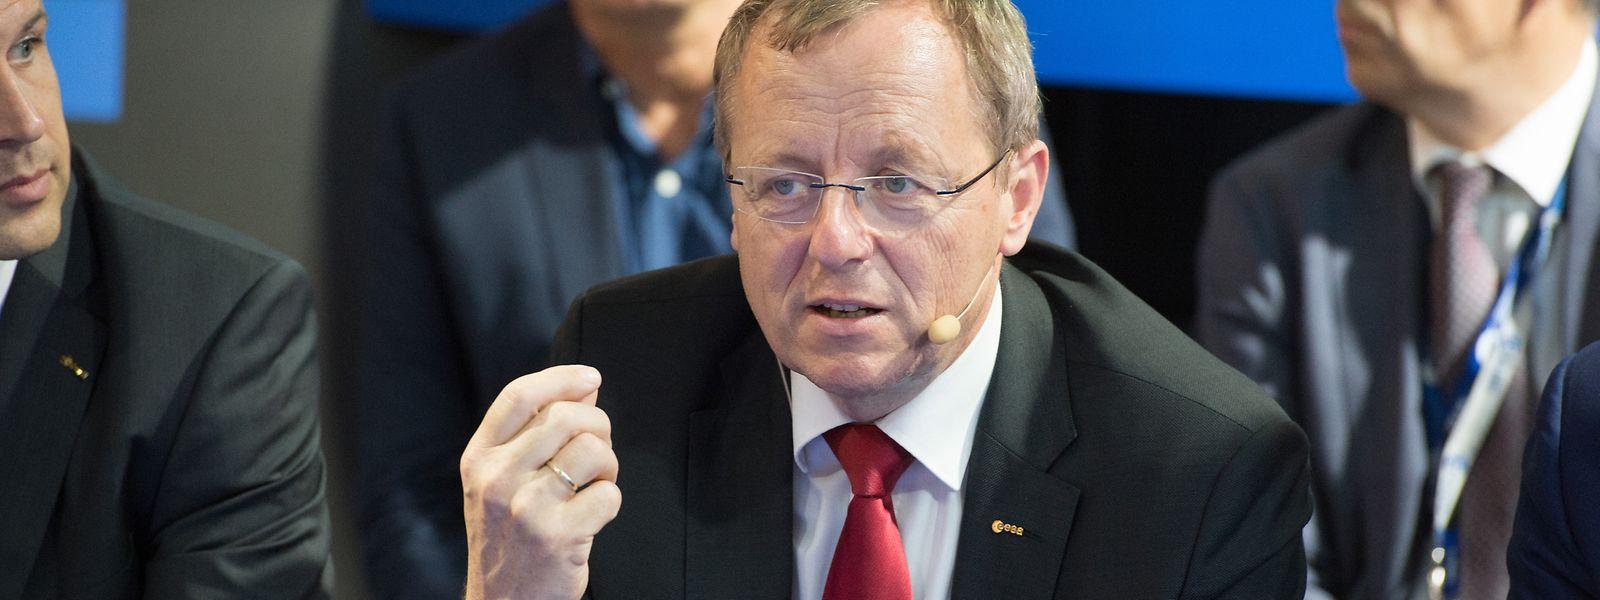 ESA-Chef Jan Wörner ist überzeugt vom hohen gesellschaftlichen Nutzen der Raumfahrt – auch in der aktuellen Krise.